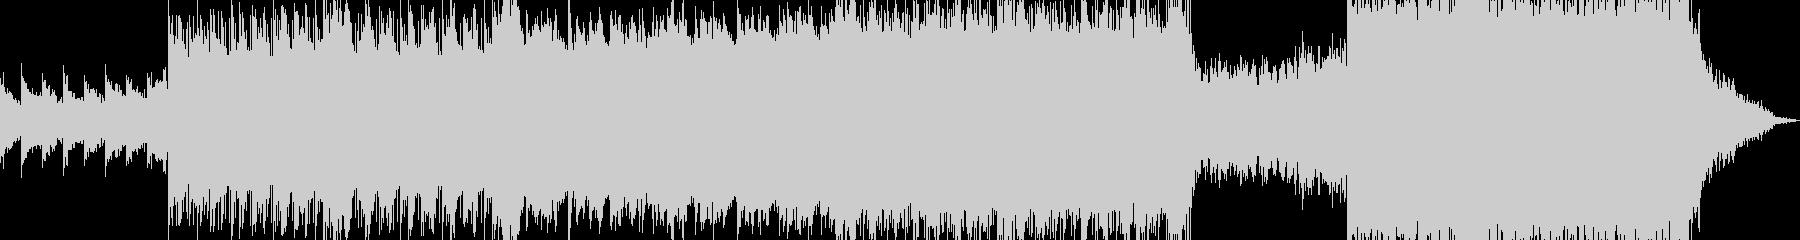 現代的 交響曲 ダブステップ 実験...の未再生の波形